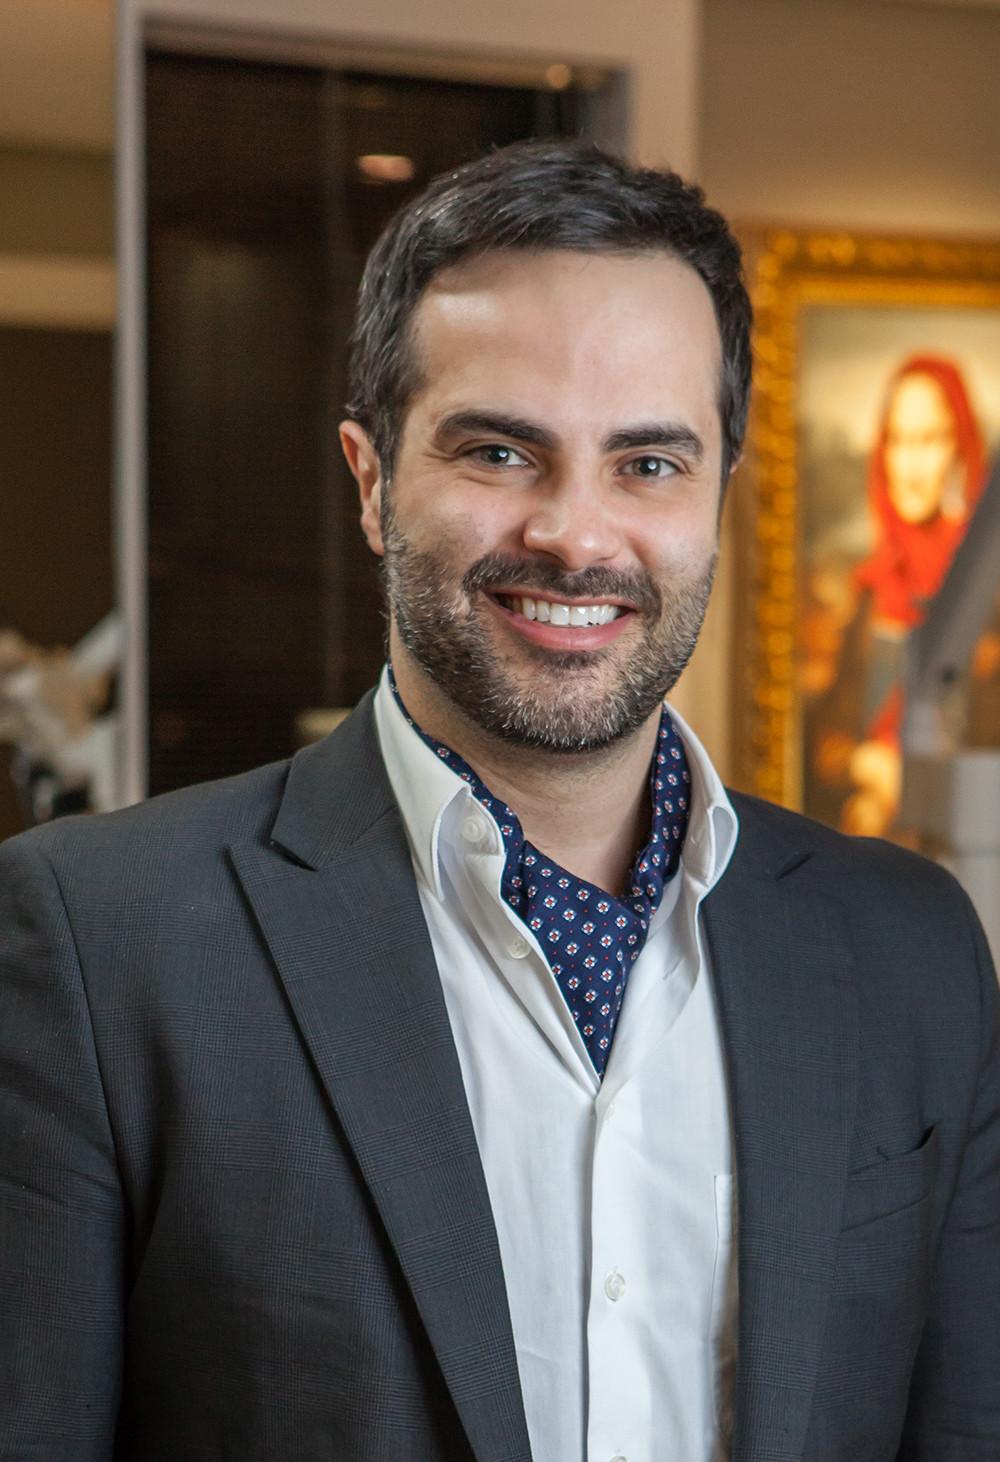 Dr. Manuel Barrios, especialista em implantodontia e reabilitação oral.